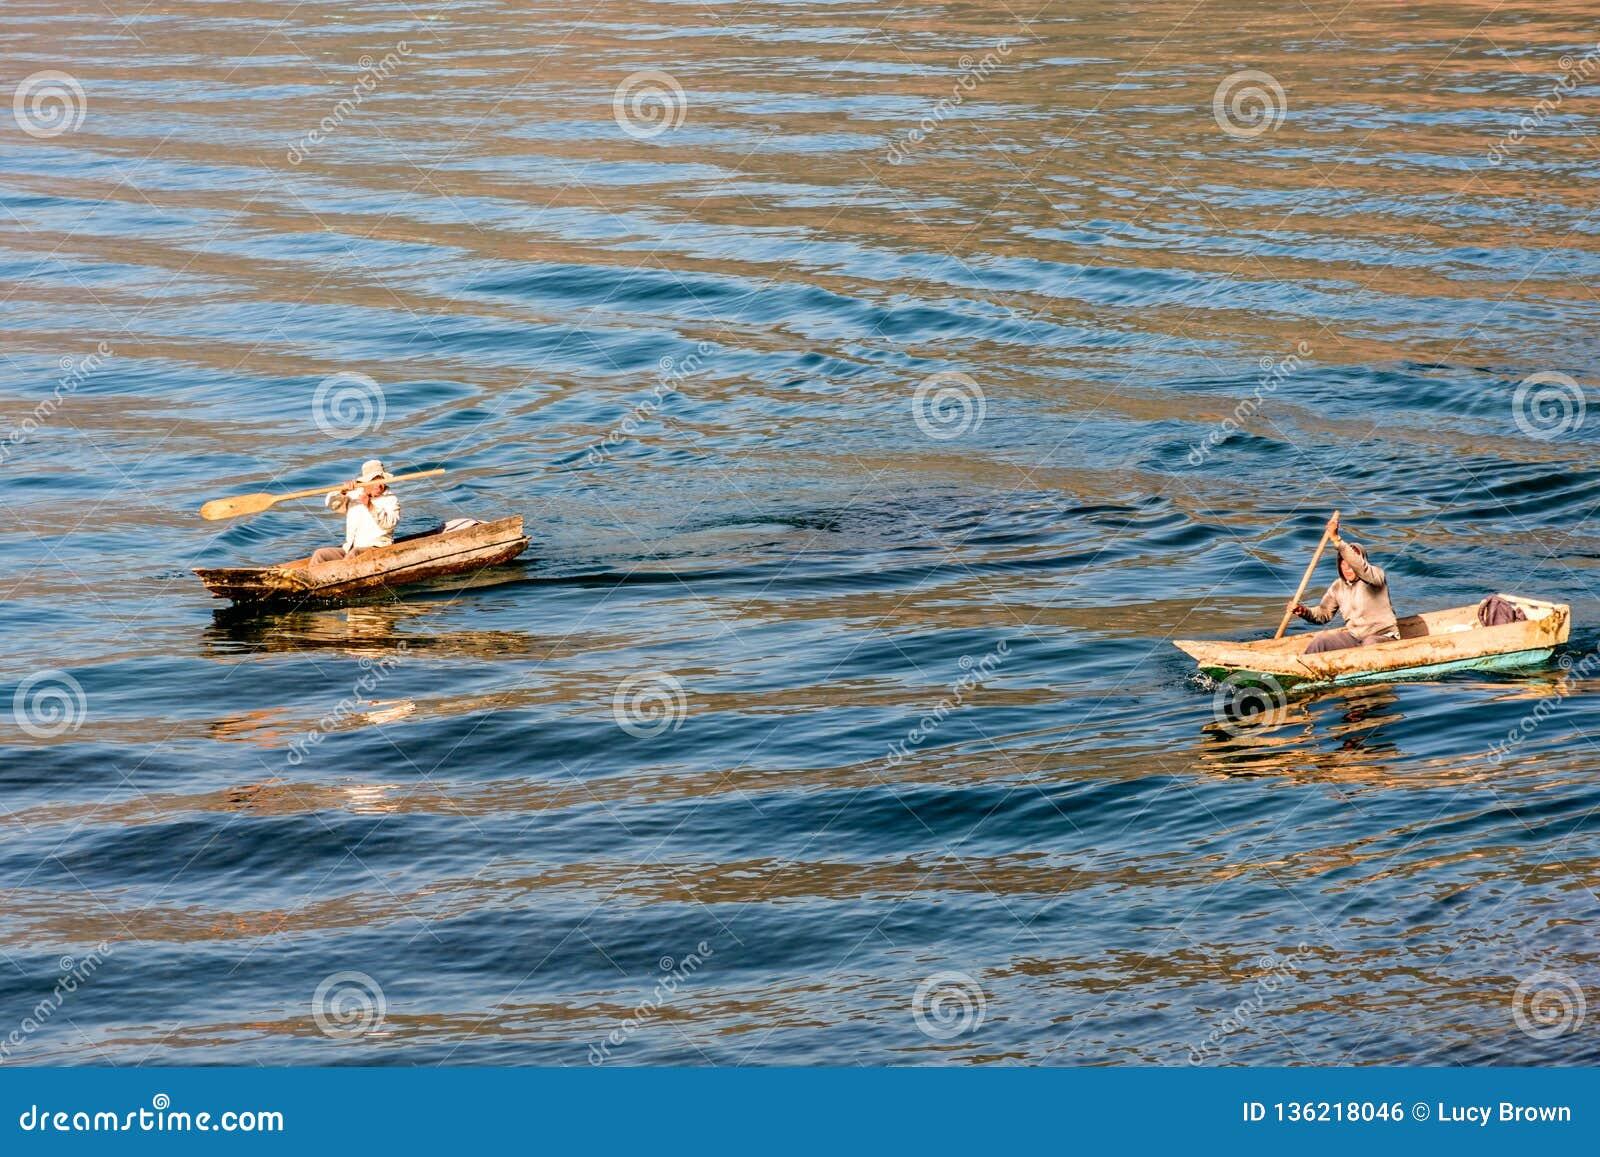 Two men in dugout canoes on Lake Atitlan, Guatemala